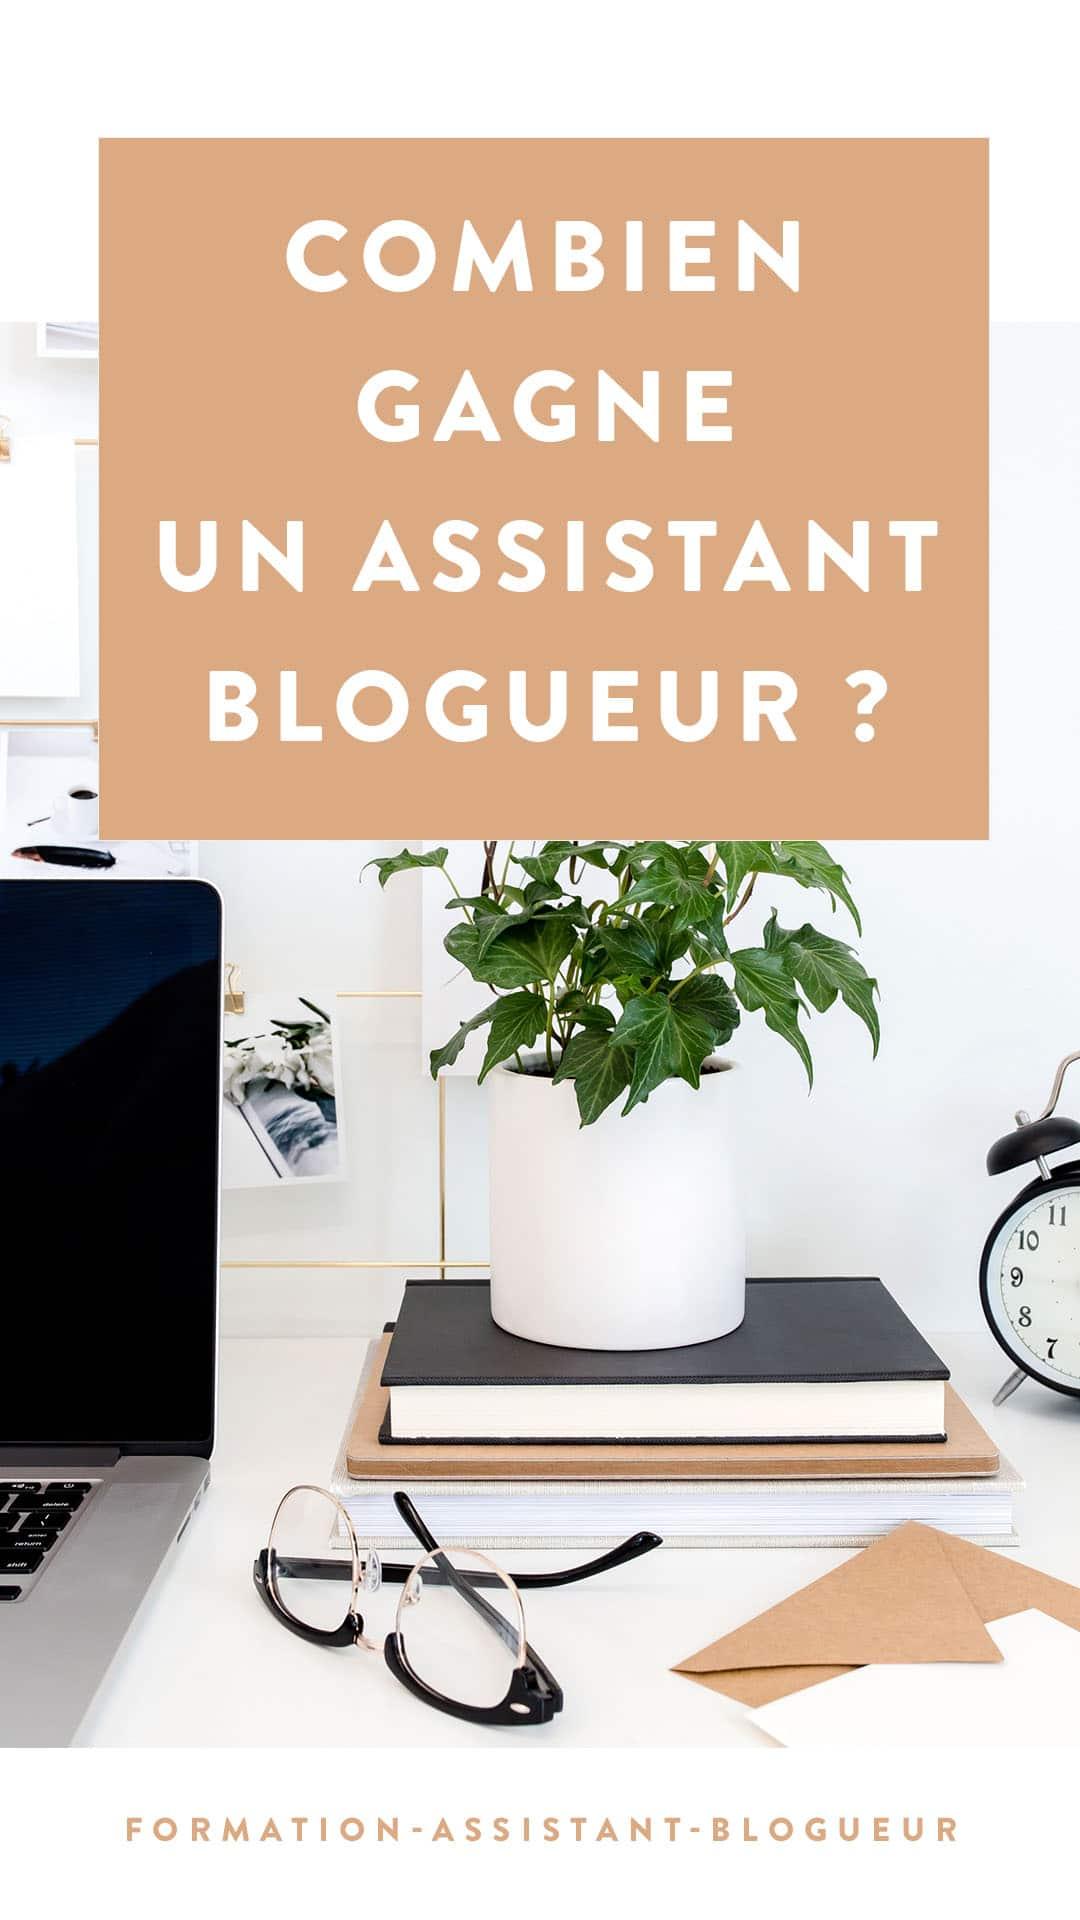 Combien gagne un assistant blogueur ?